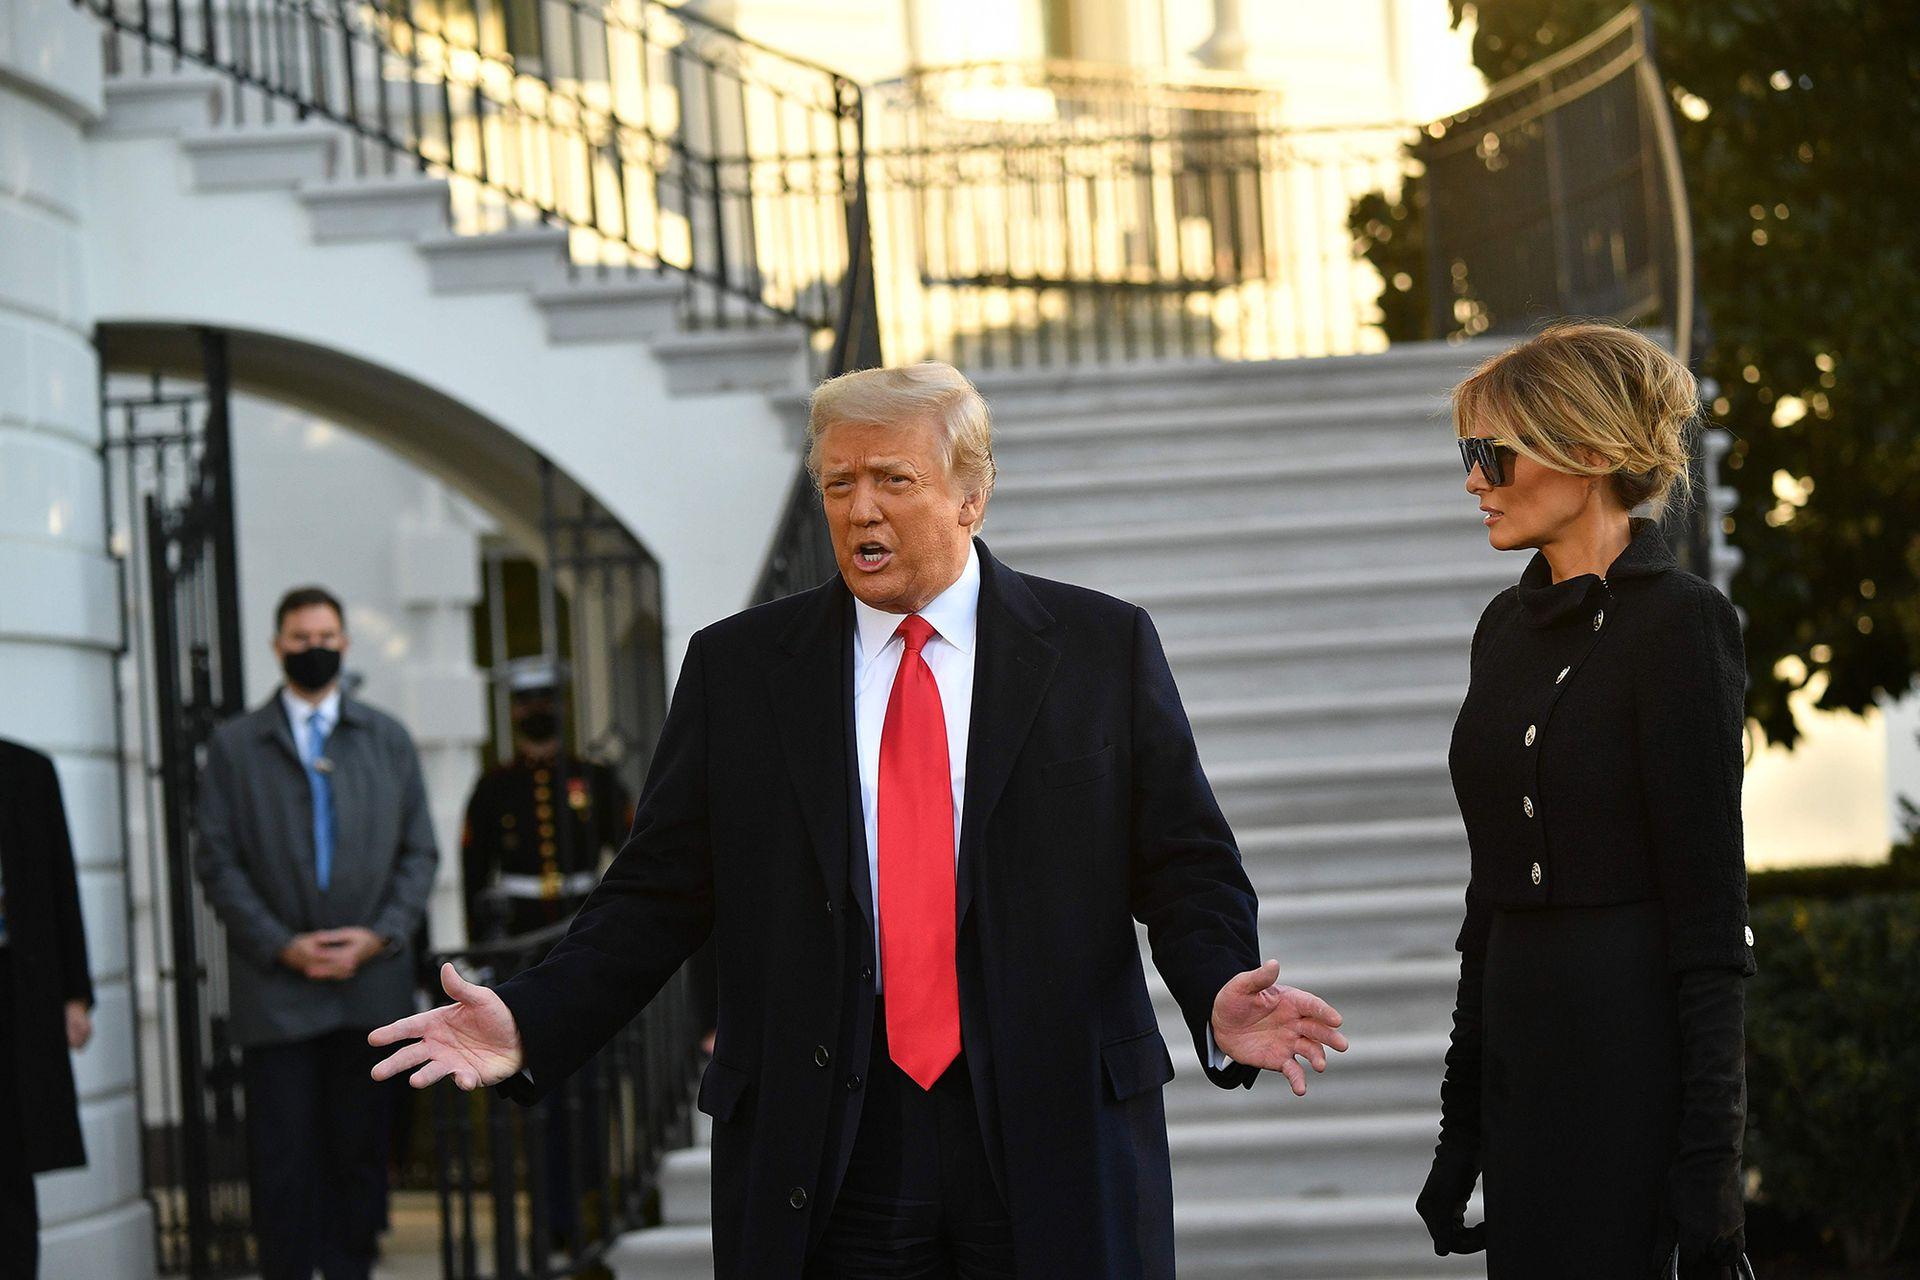 El presidente saliente de los Estados Unidos, Donald Trump, y la primera dama Melania Trump, hablan con los medios de comunicación en su último día en la Casa Blanca en Washington